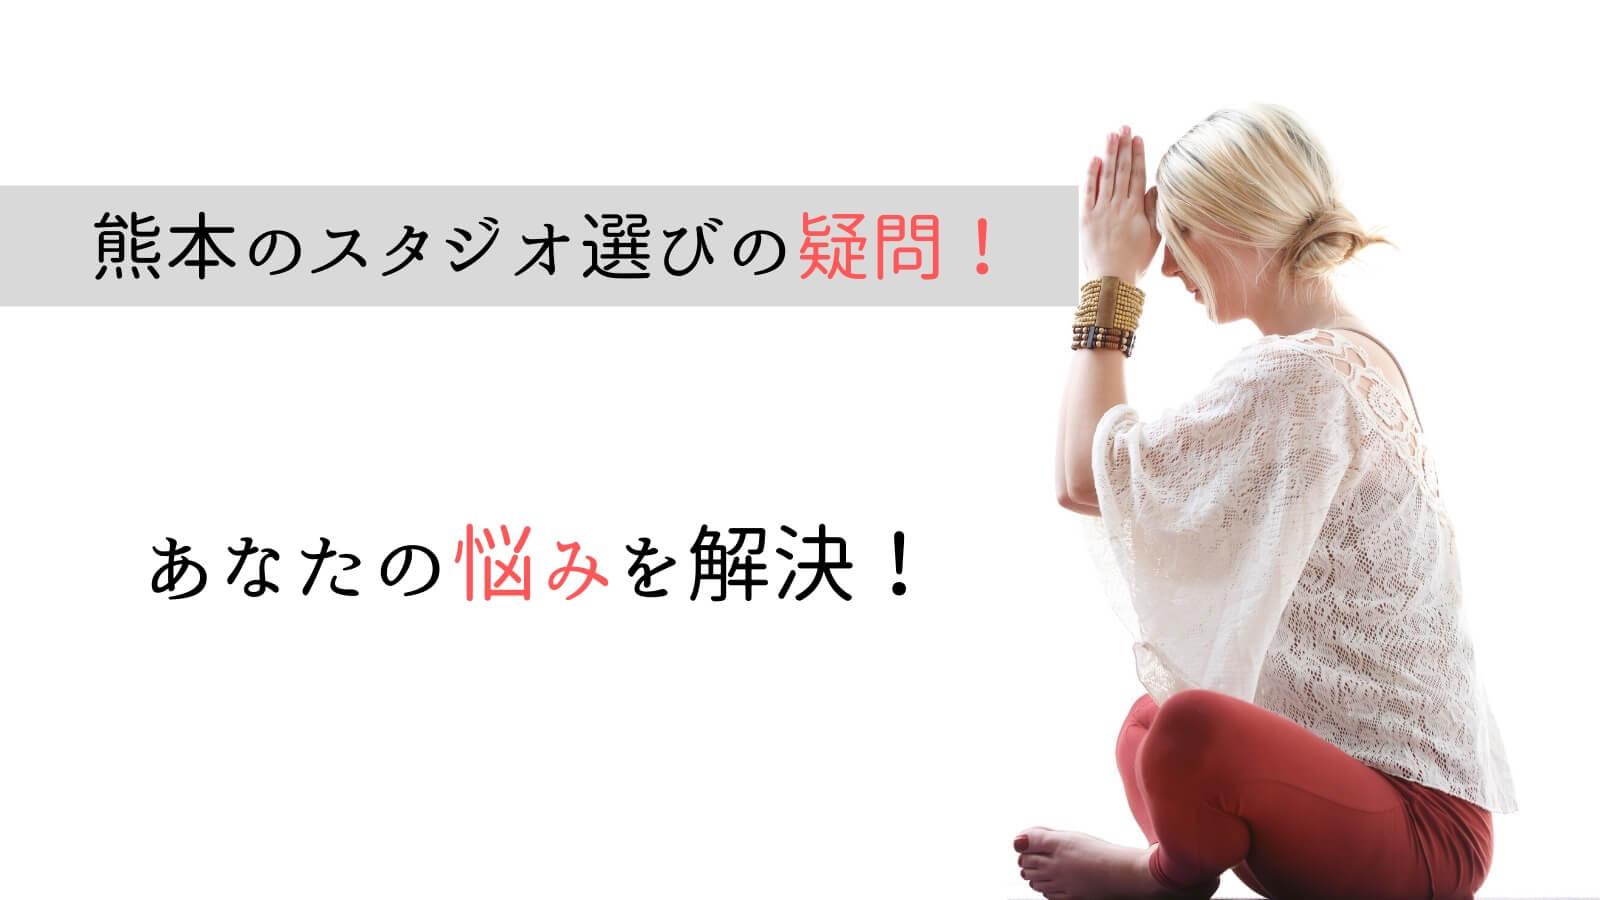 熊本でのヨガスタジオ選びに関するQ&A